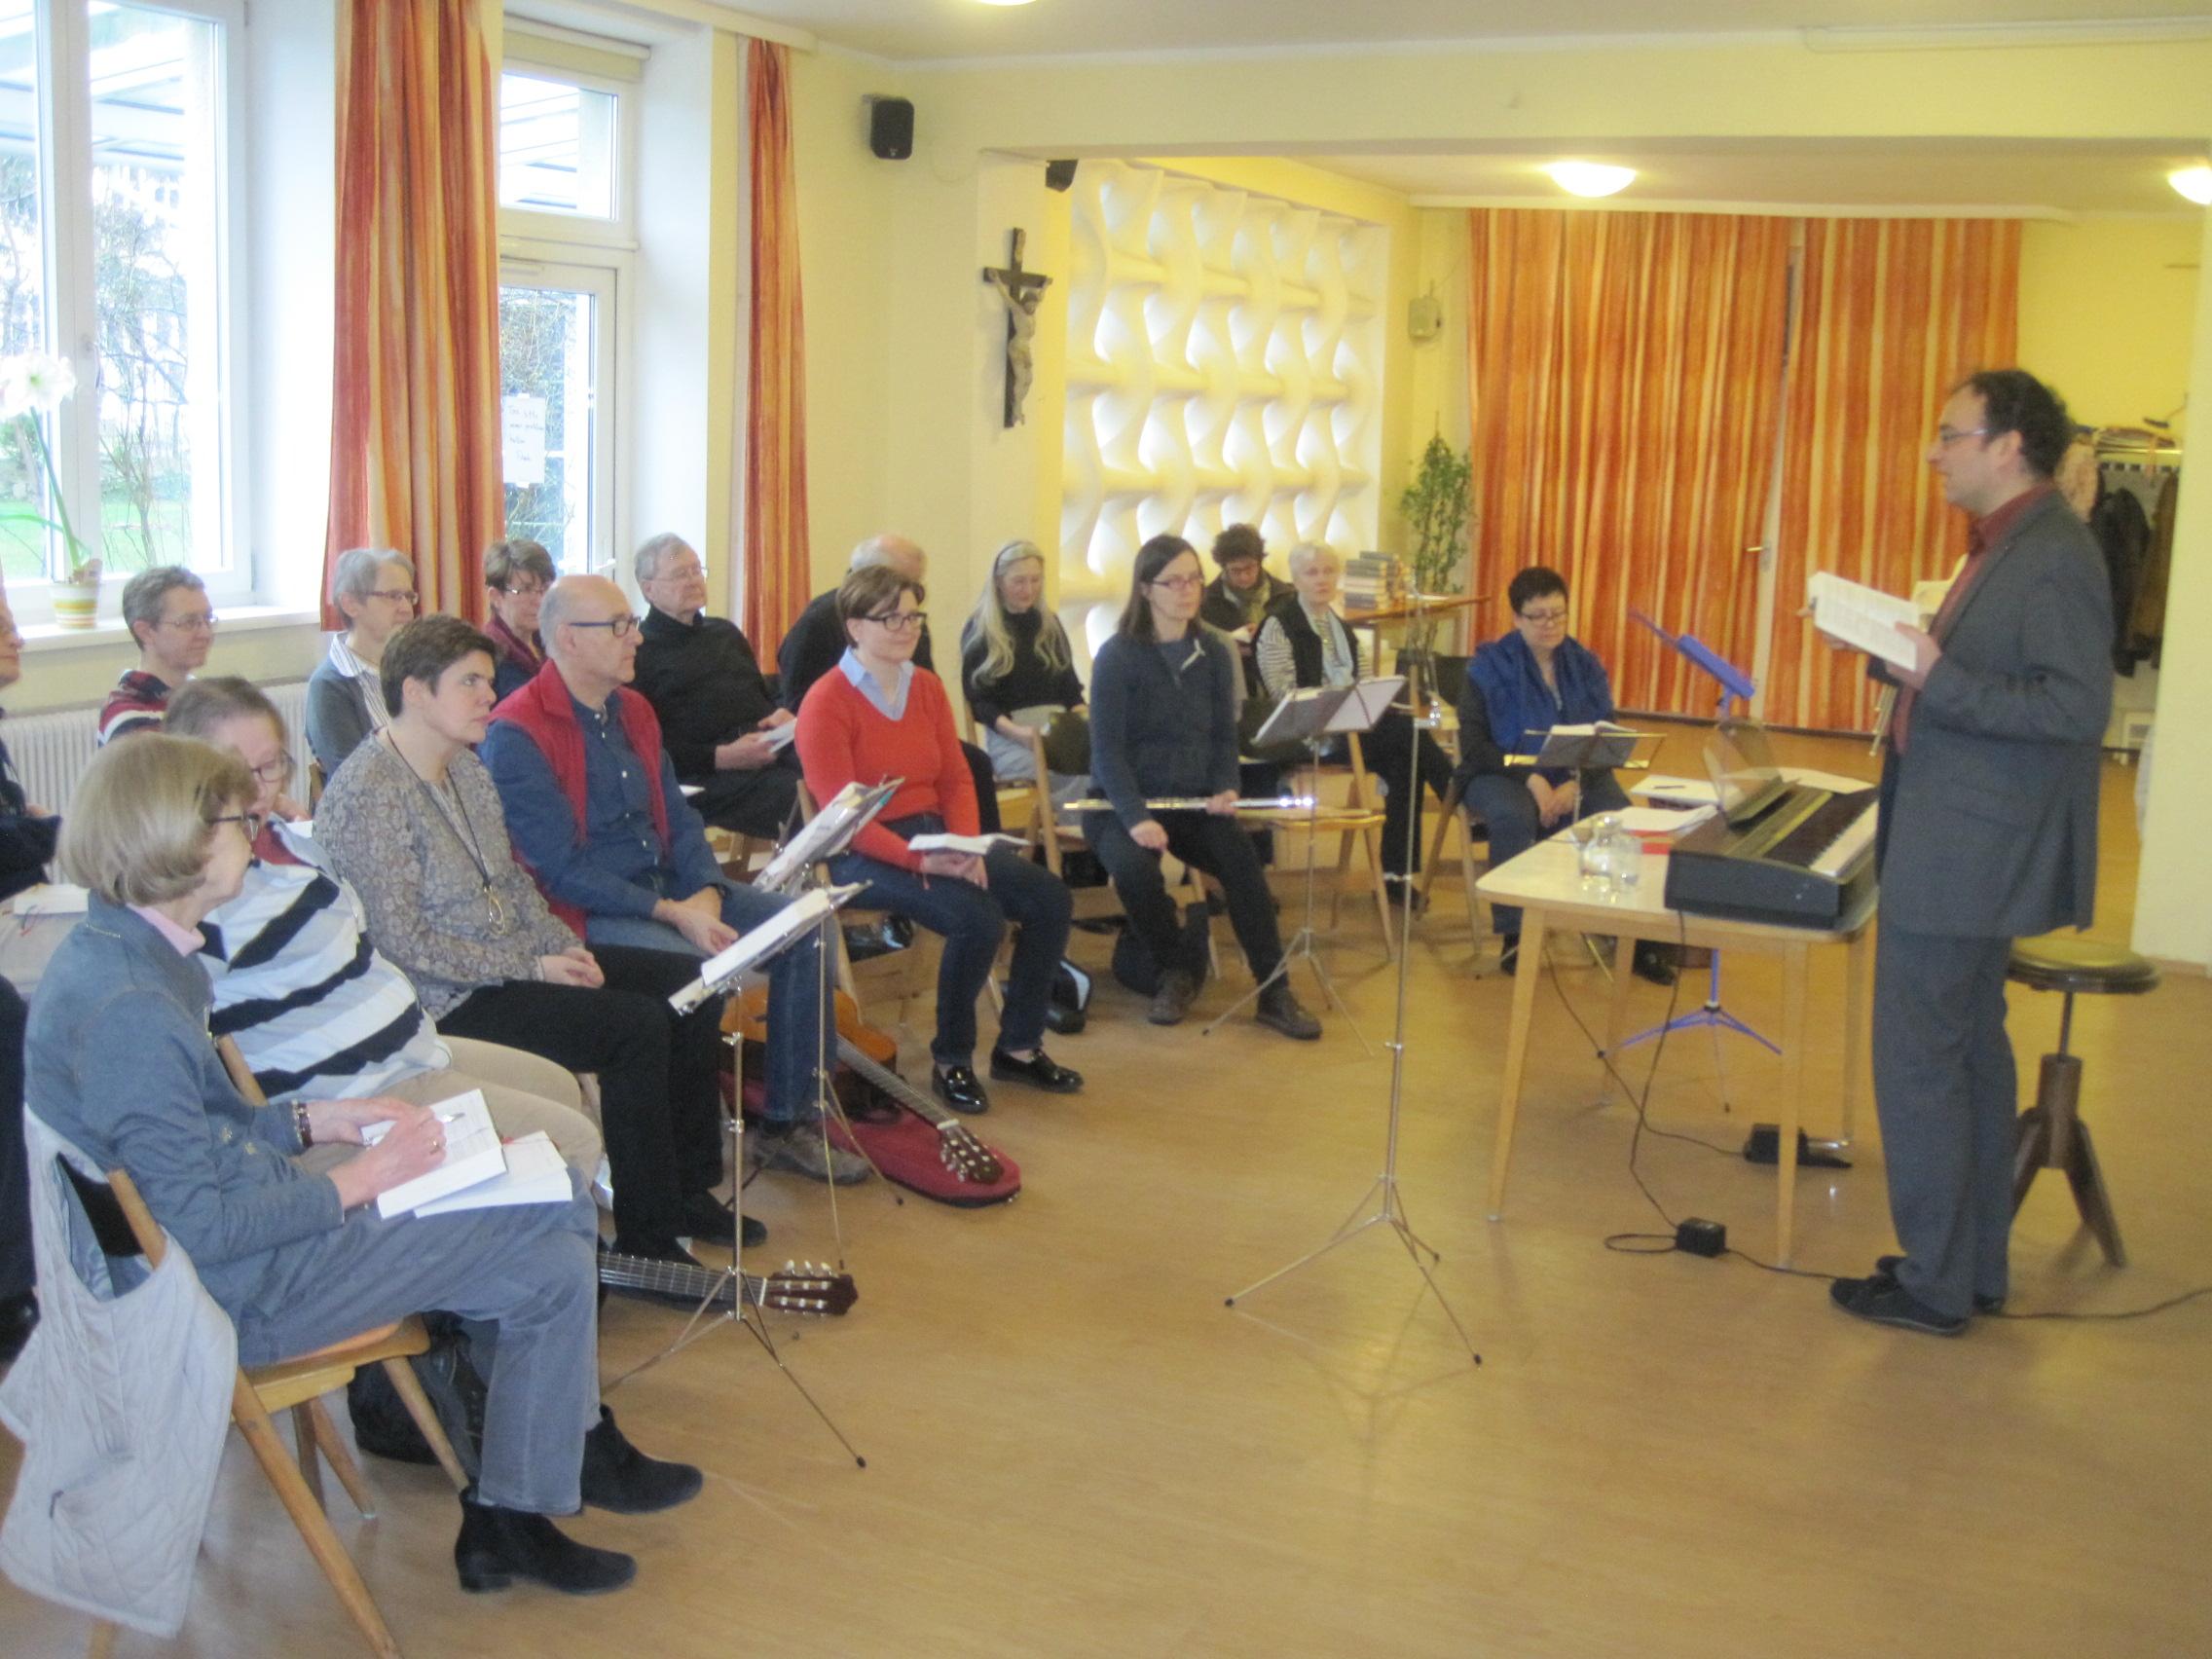 Singvormittag in Liesing am 23. Februar – Einladung